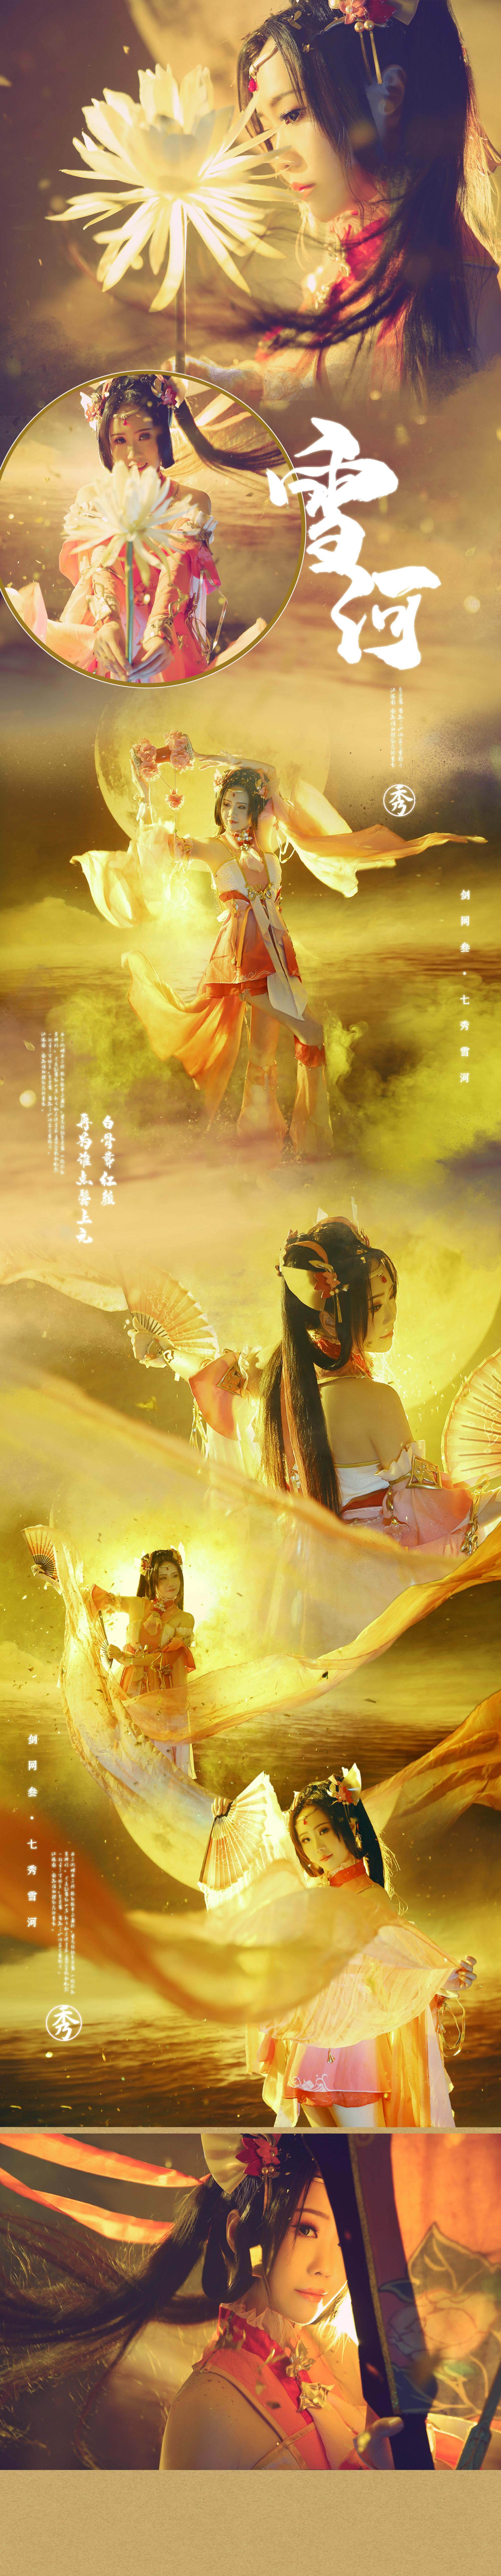 《剑侠情缘网络版叁》游戏cosplay【CN:晗雅】-第1张